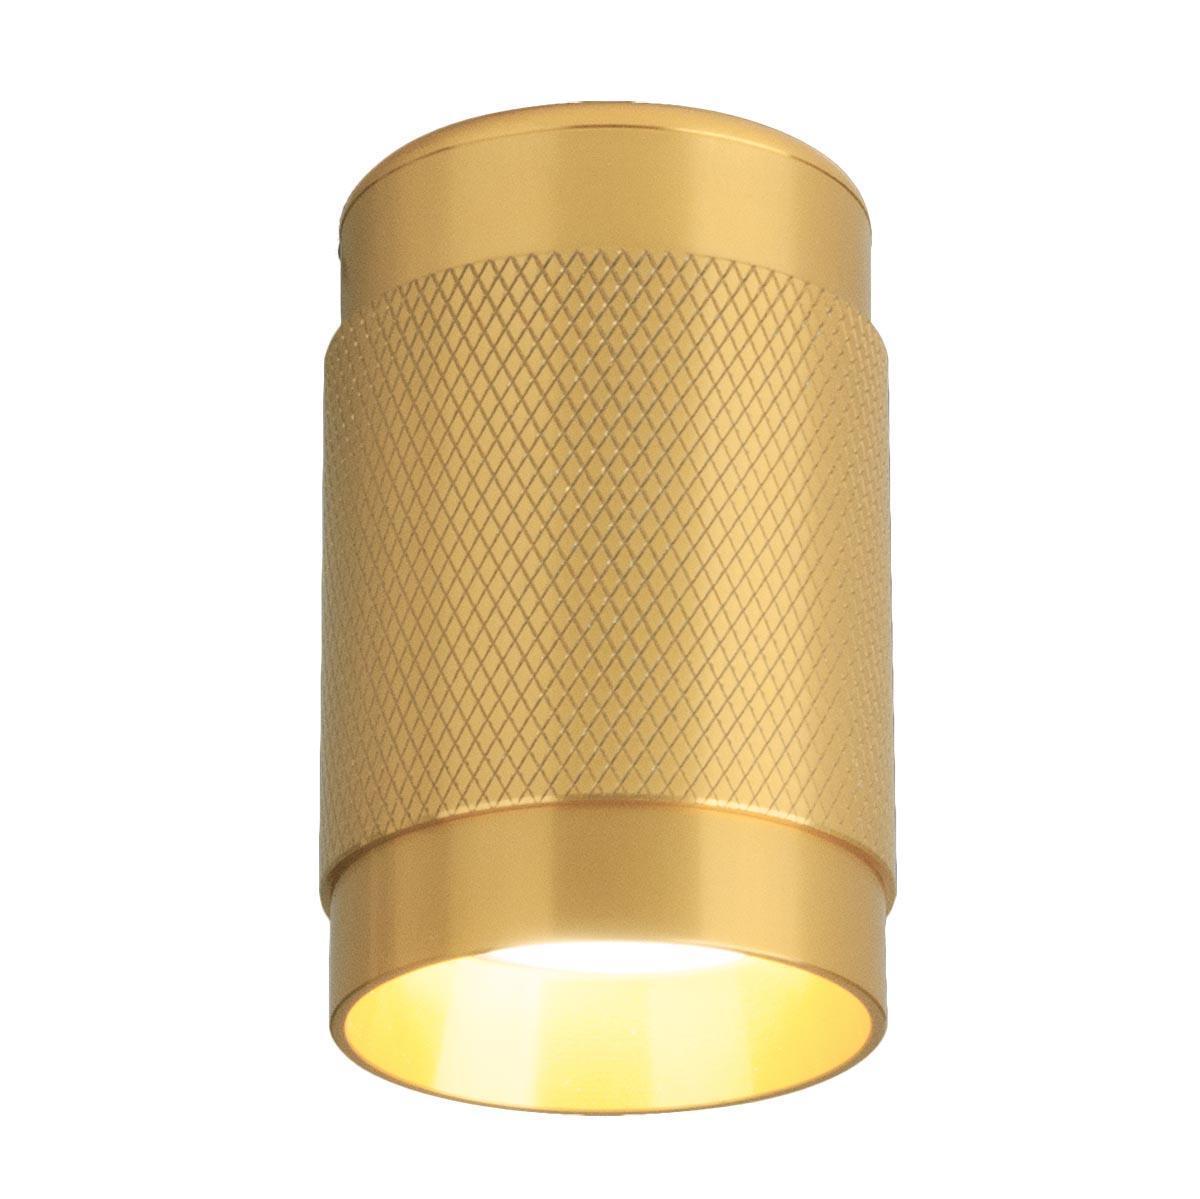 Потолочный светильник Elektrostandard Tony DLN109 GU10 золото 4690389148675